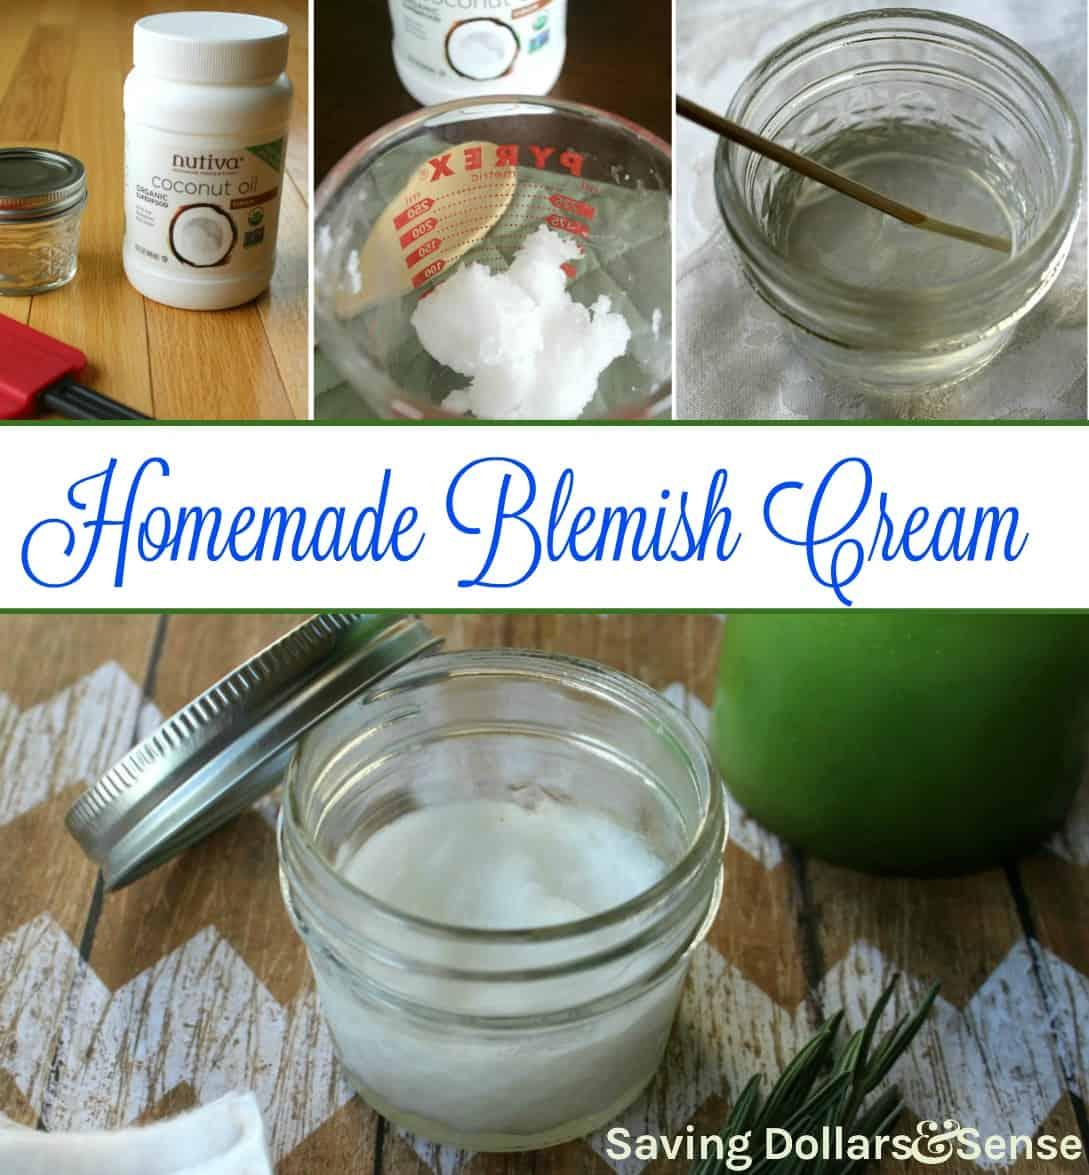 Homemade Blemish Cream